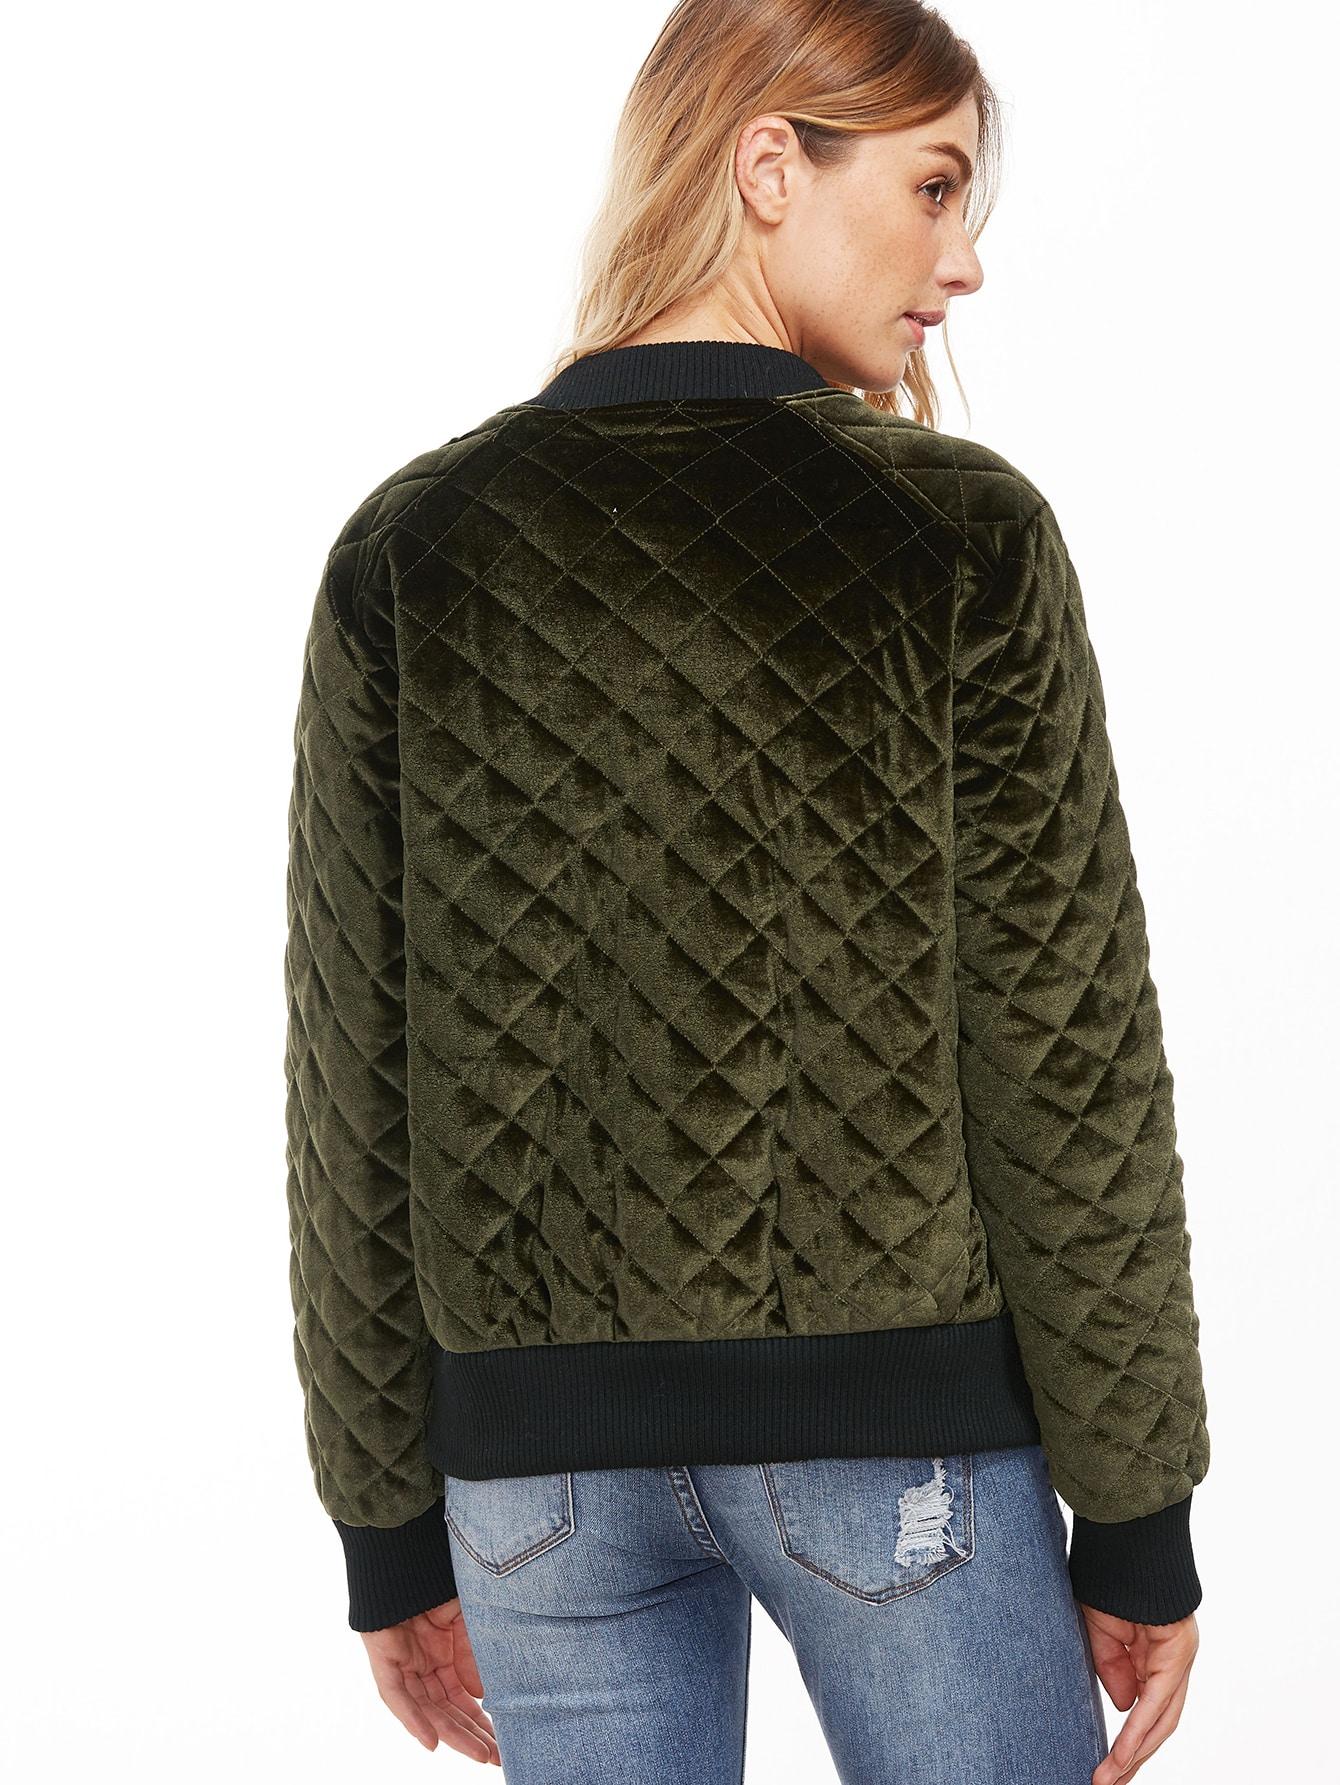 jacket161025704_2